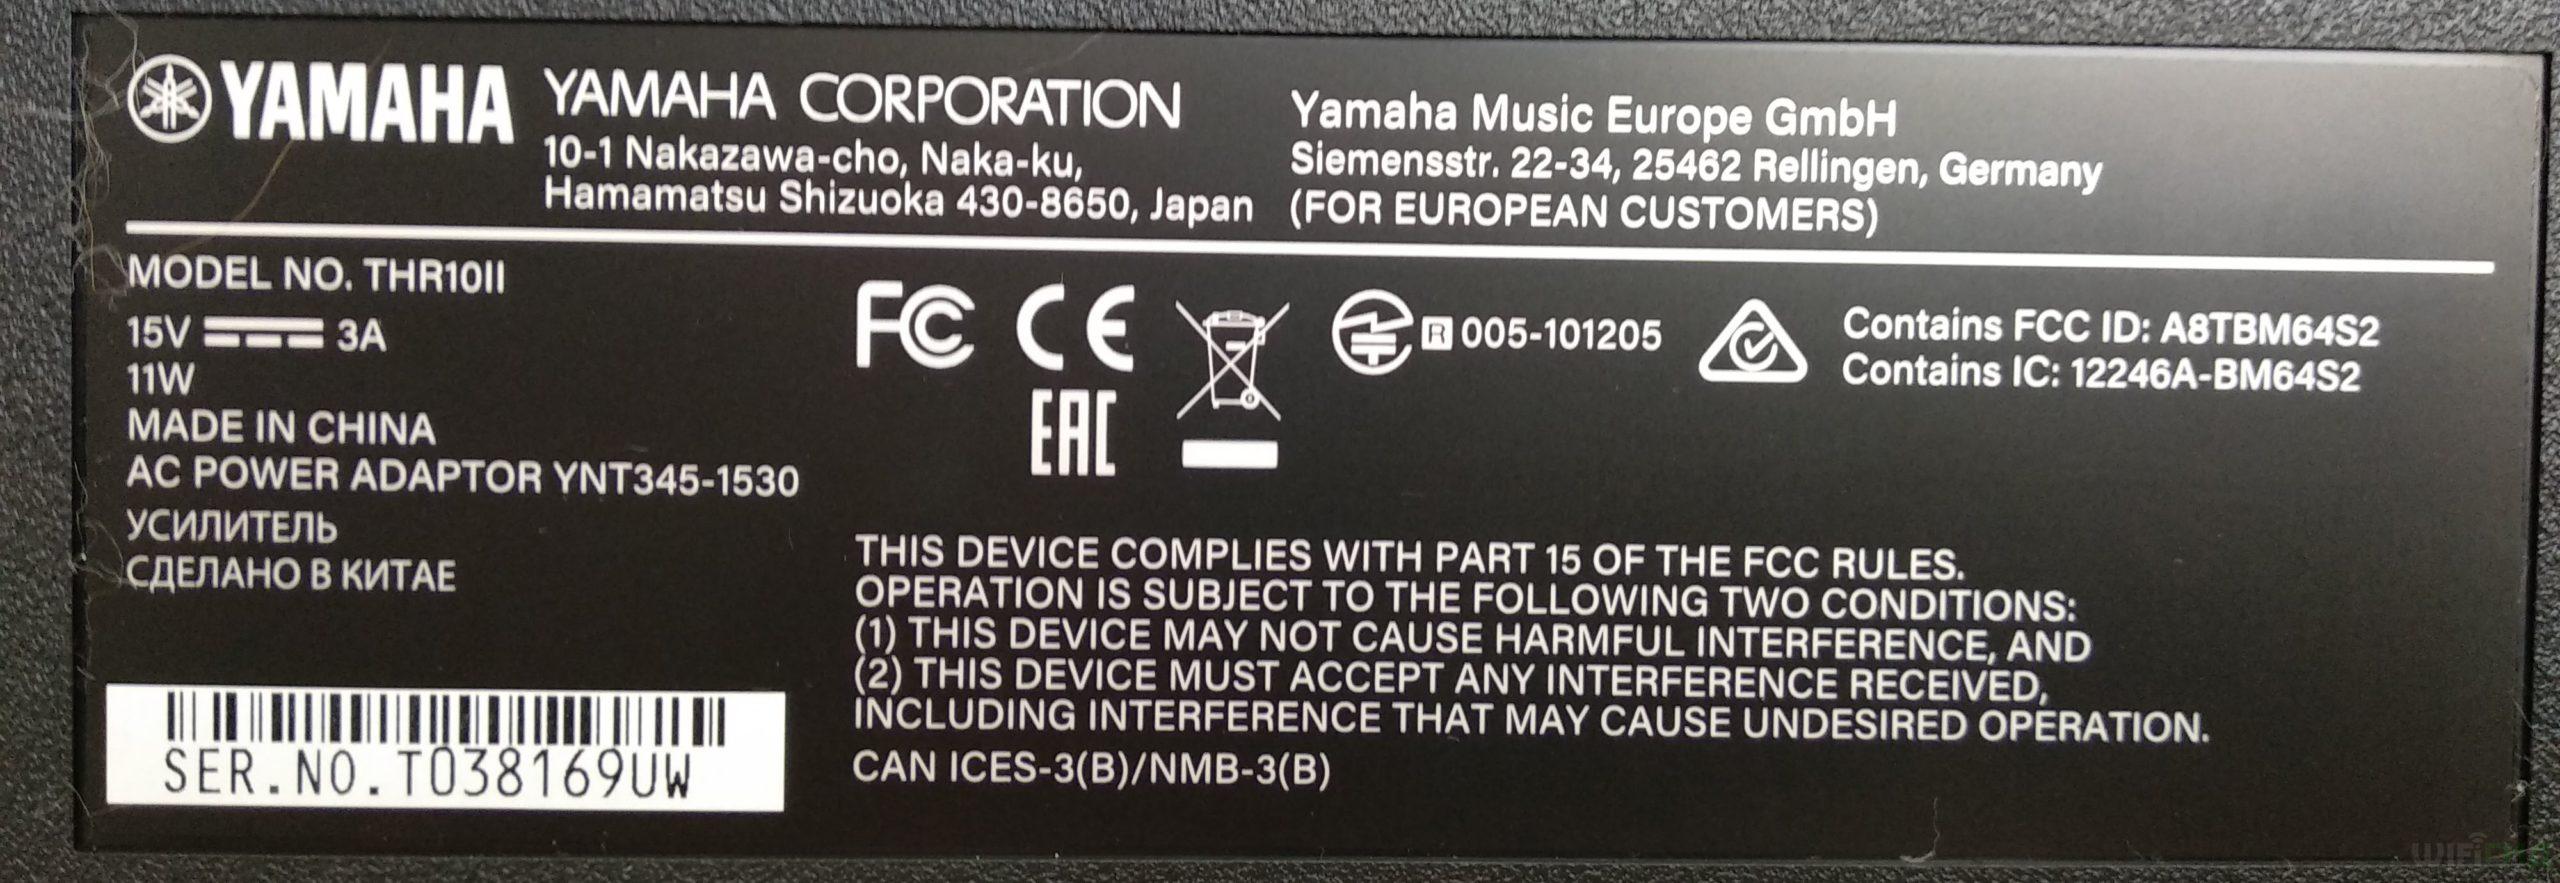 Обзор Yamaha THR 10II от Бородача: гитарные комбики нового поколения